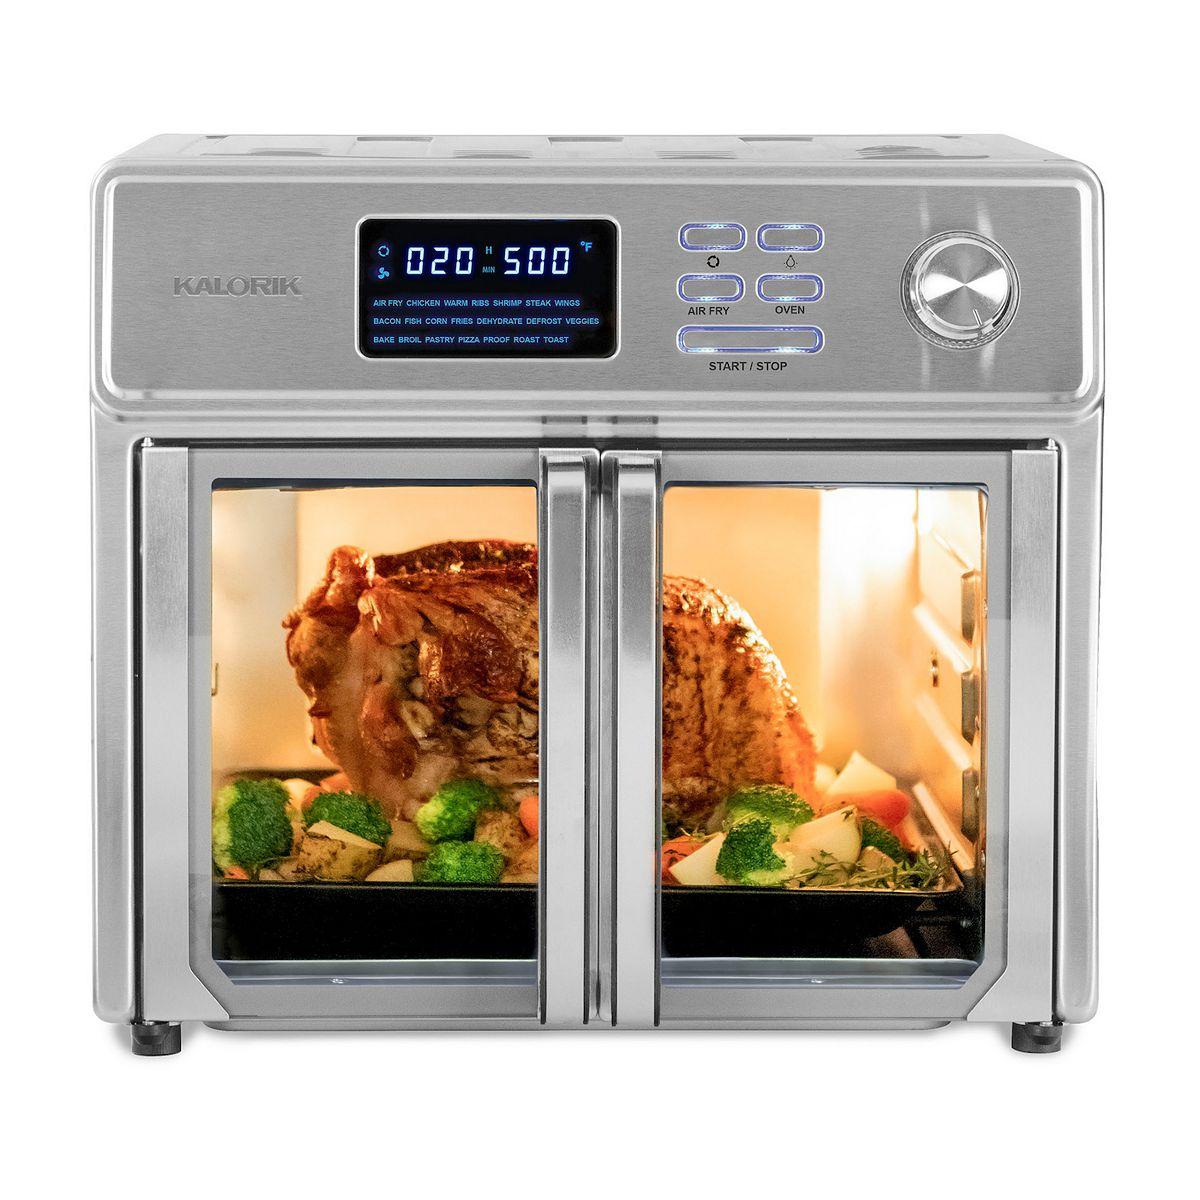 Kalorik 26-qt. Digital MAXX Air Fryer Toaster Oven $143.99